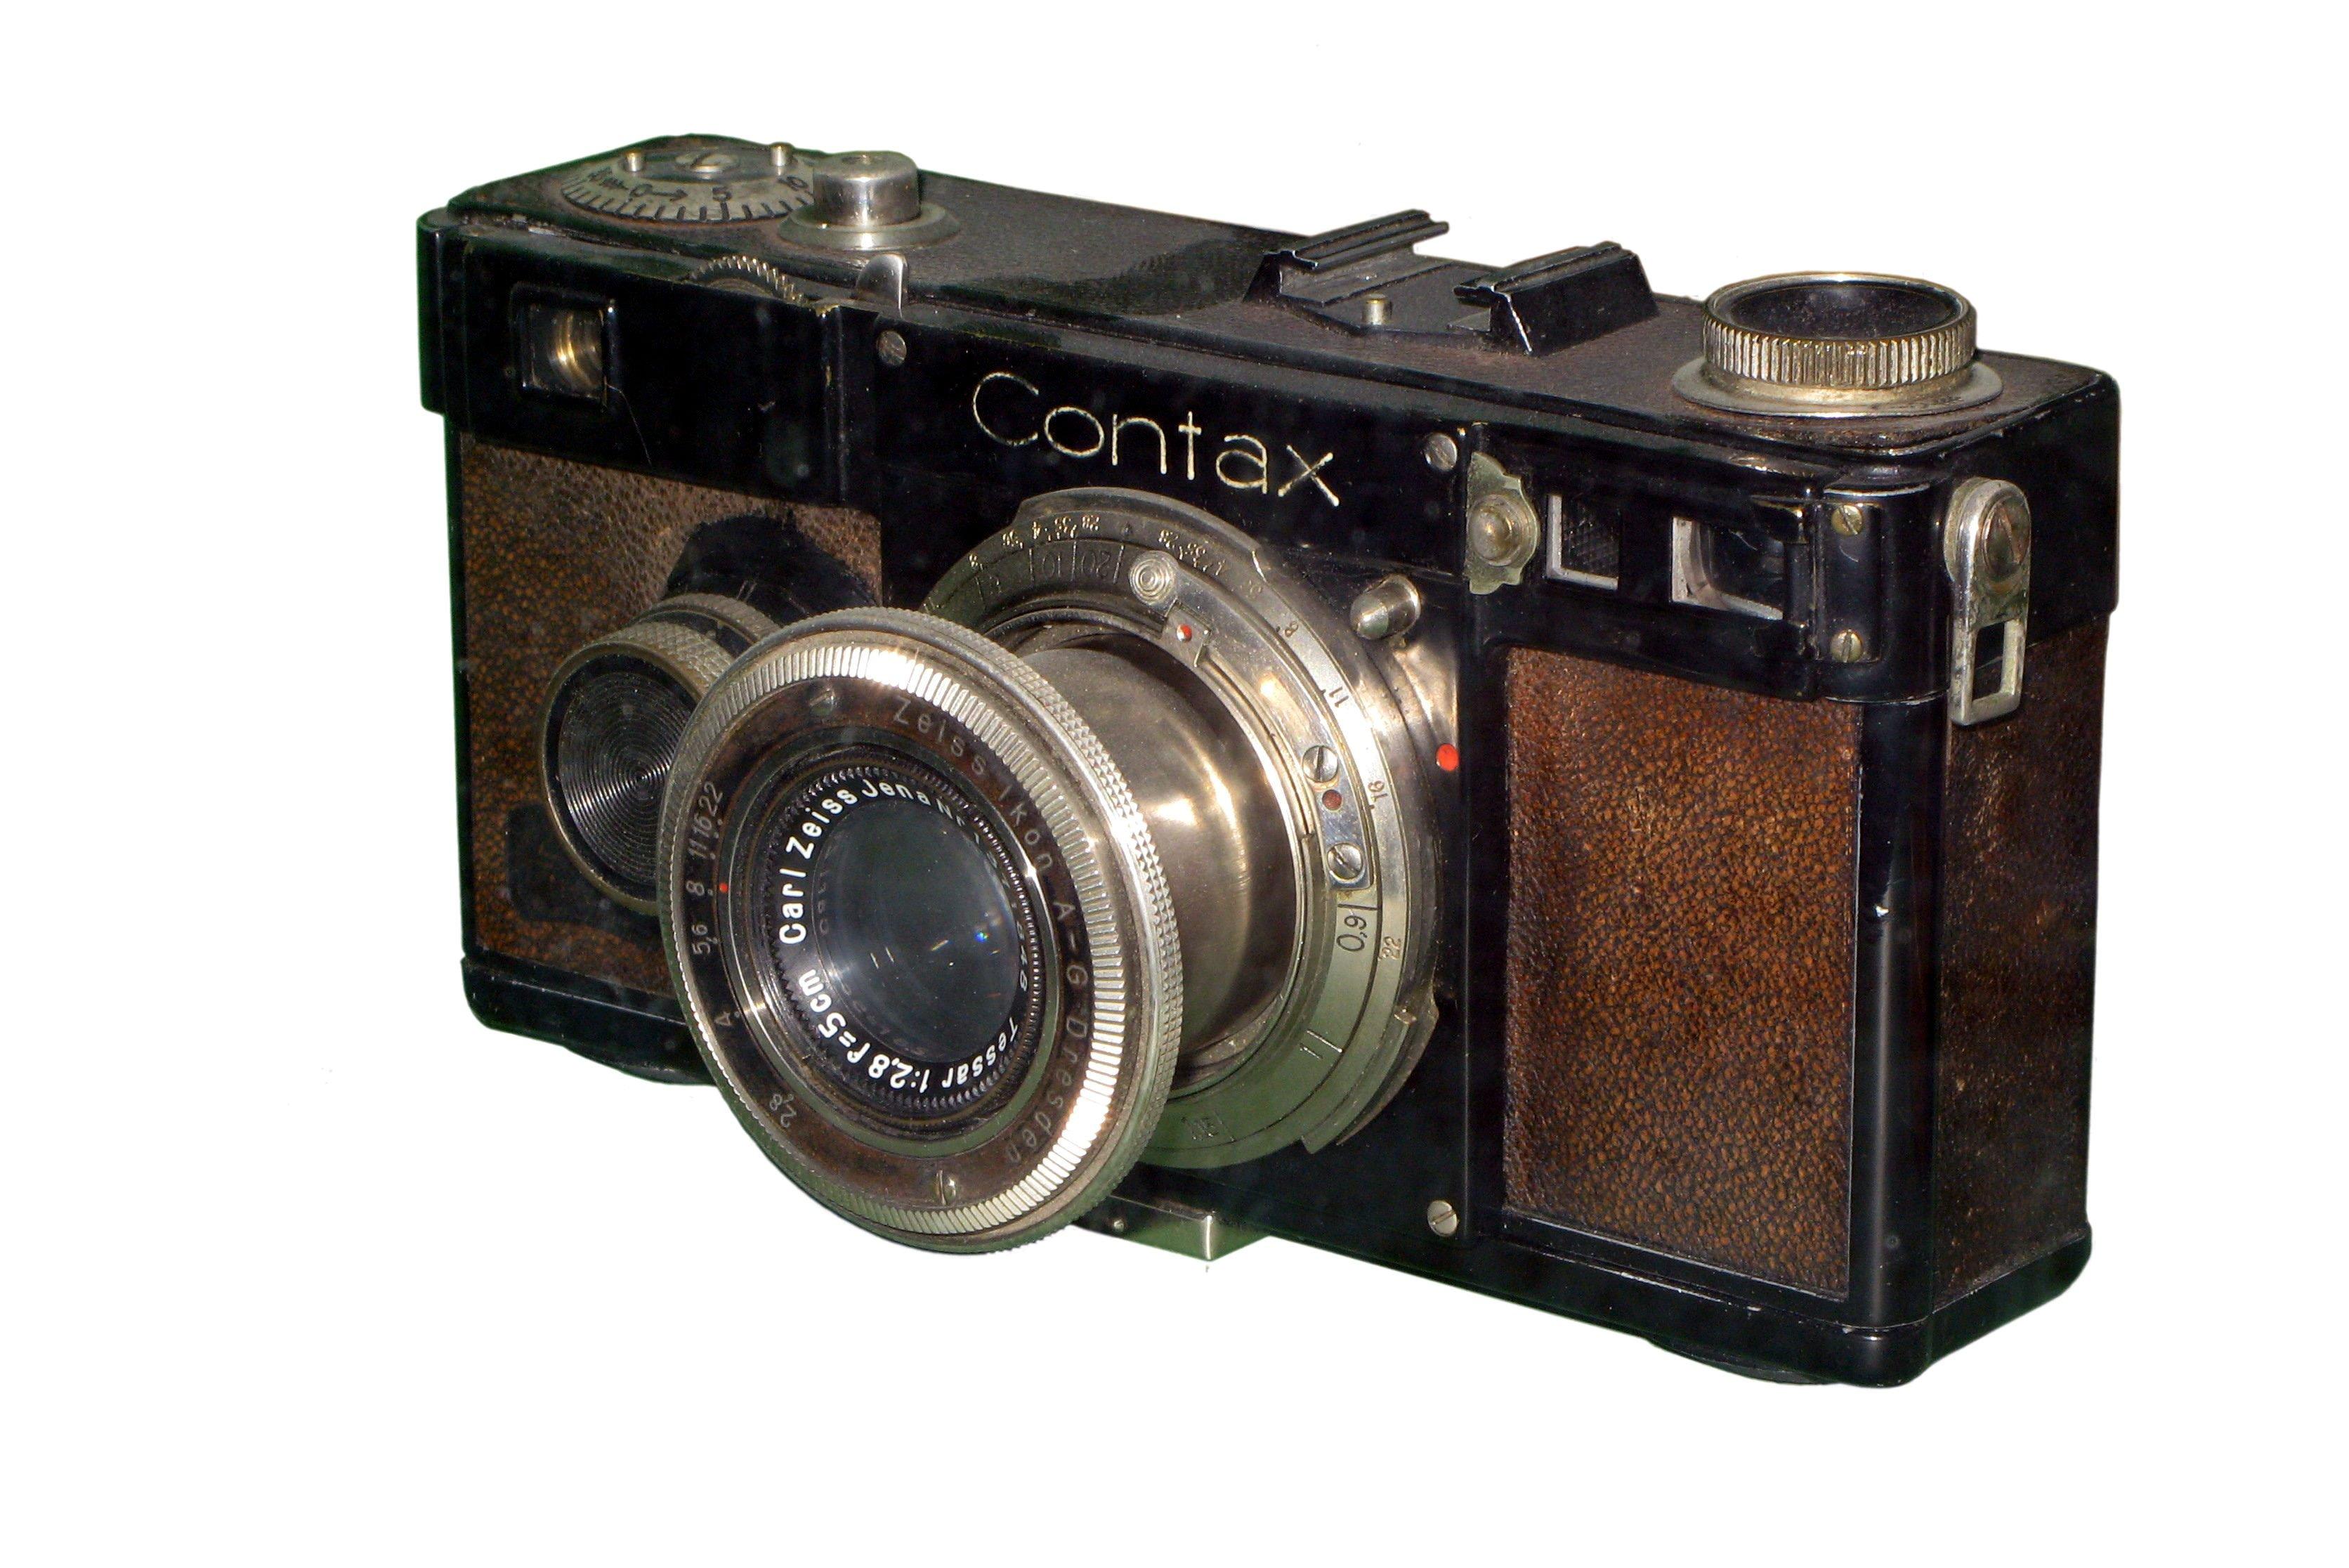 Фото с потерянных фотоаппаратов в россии 26 фотография